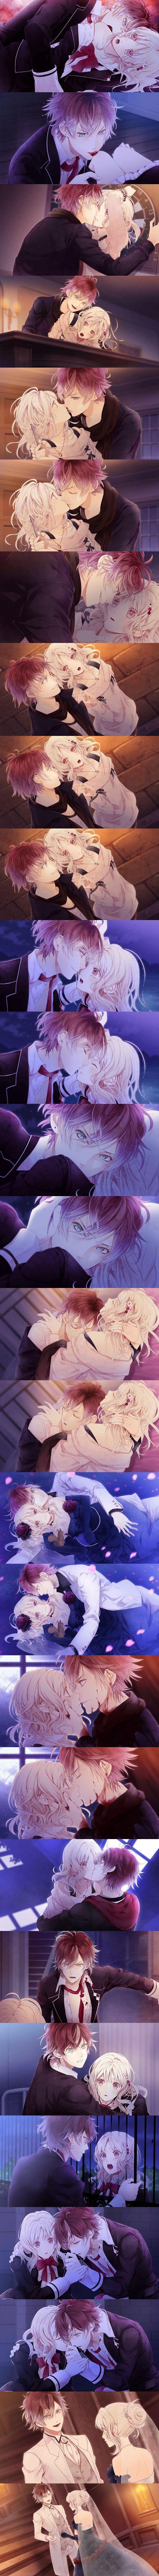 Diabolik lovers, vampire anime